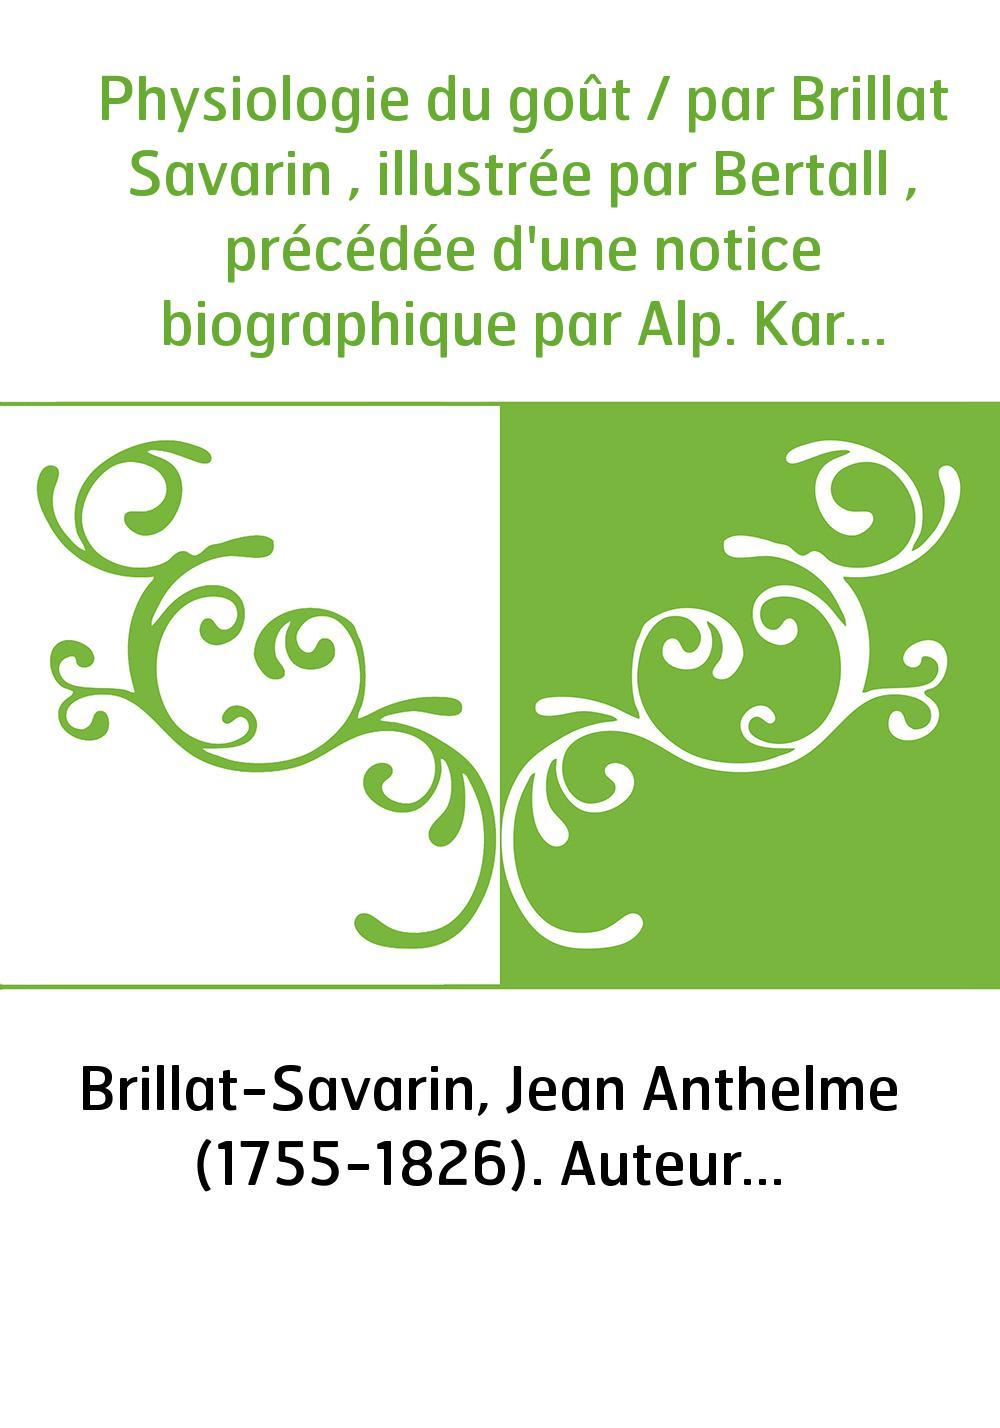 Physiologie du goût / par Brillat Savarin , illustrée par Bertall , précédée d'une notice biographique par Alp. Karr , dessins à